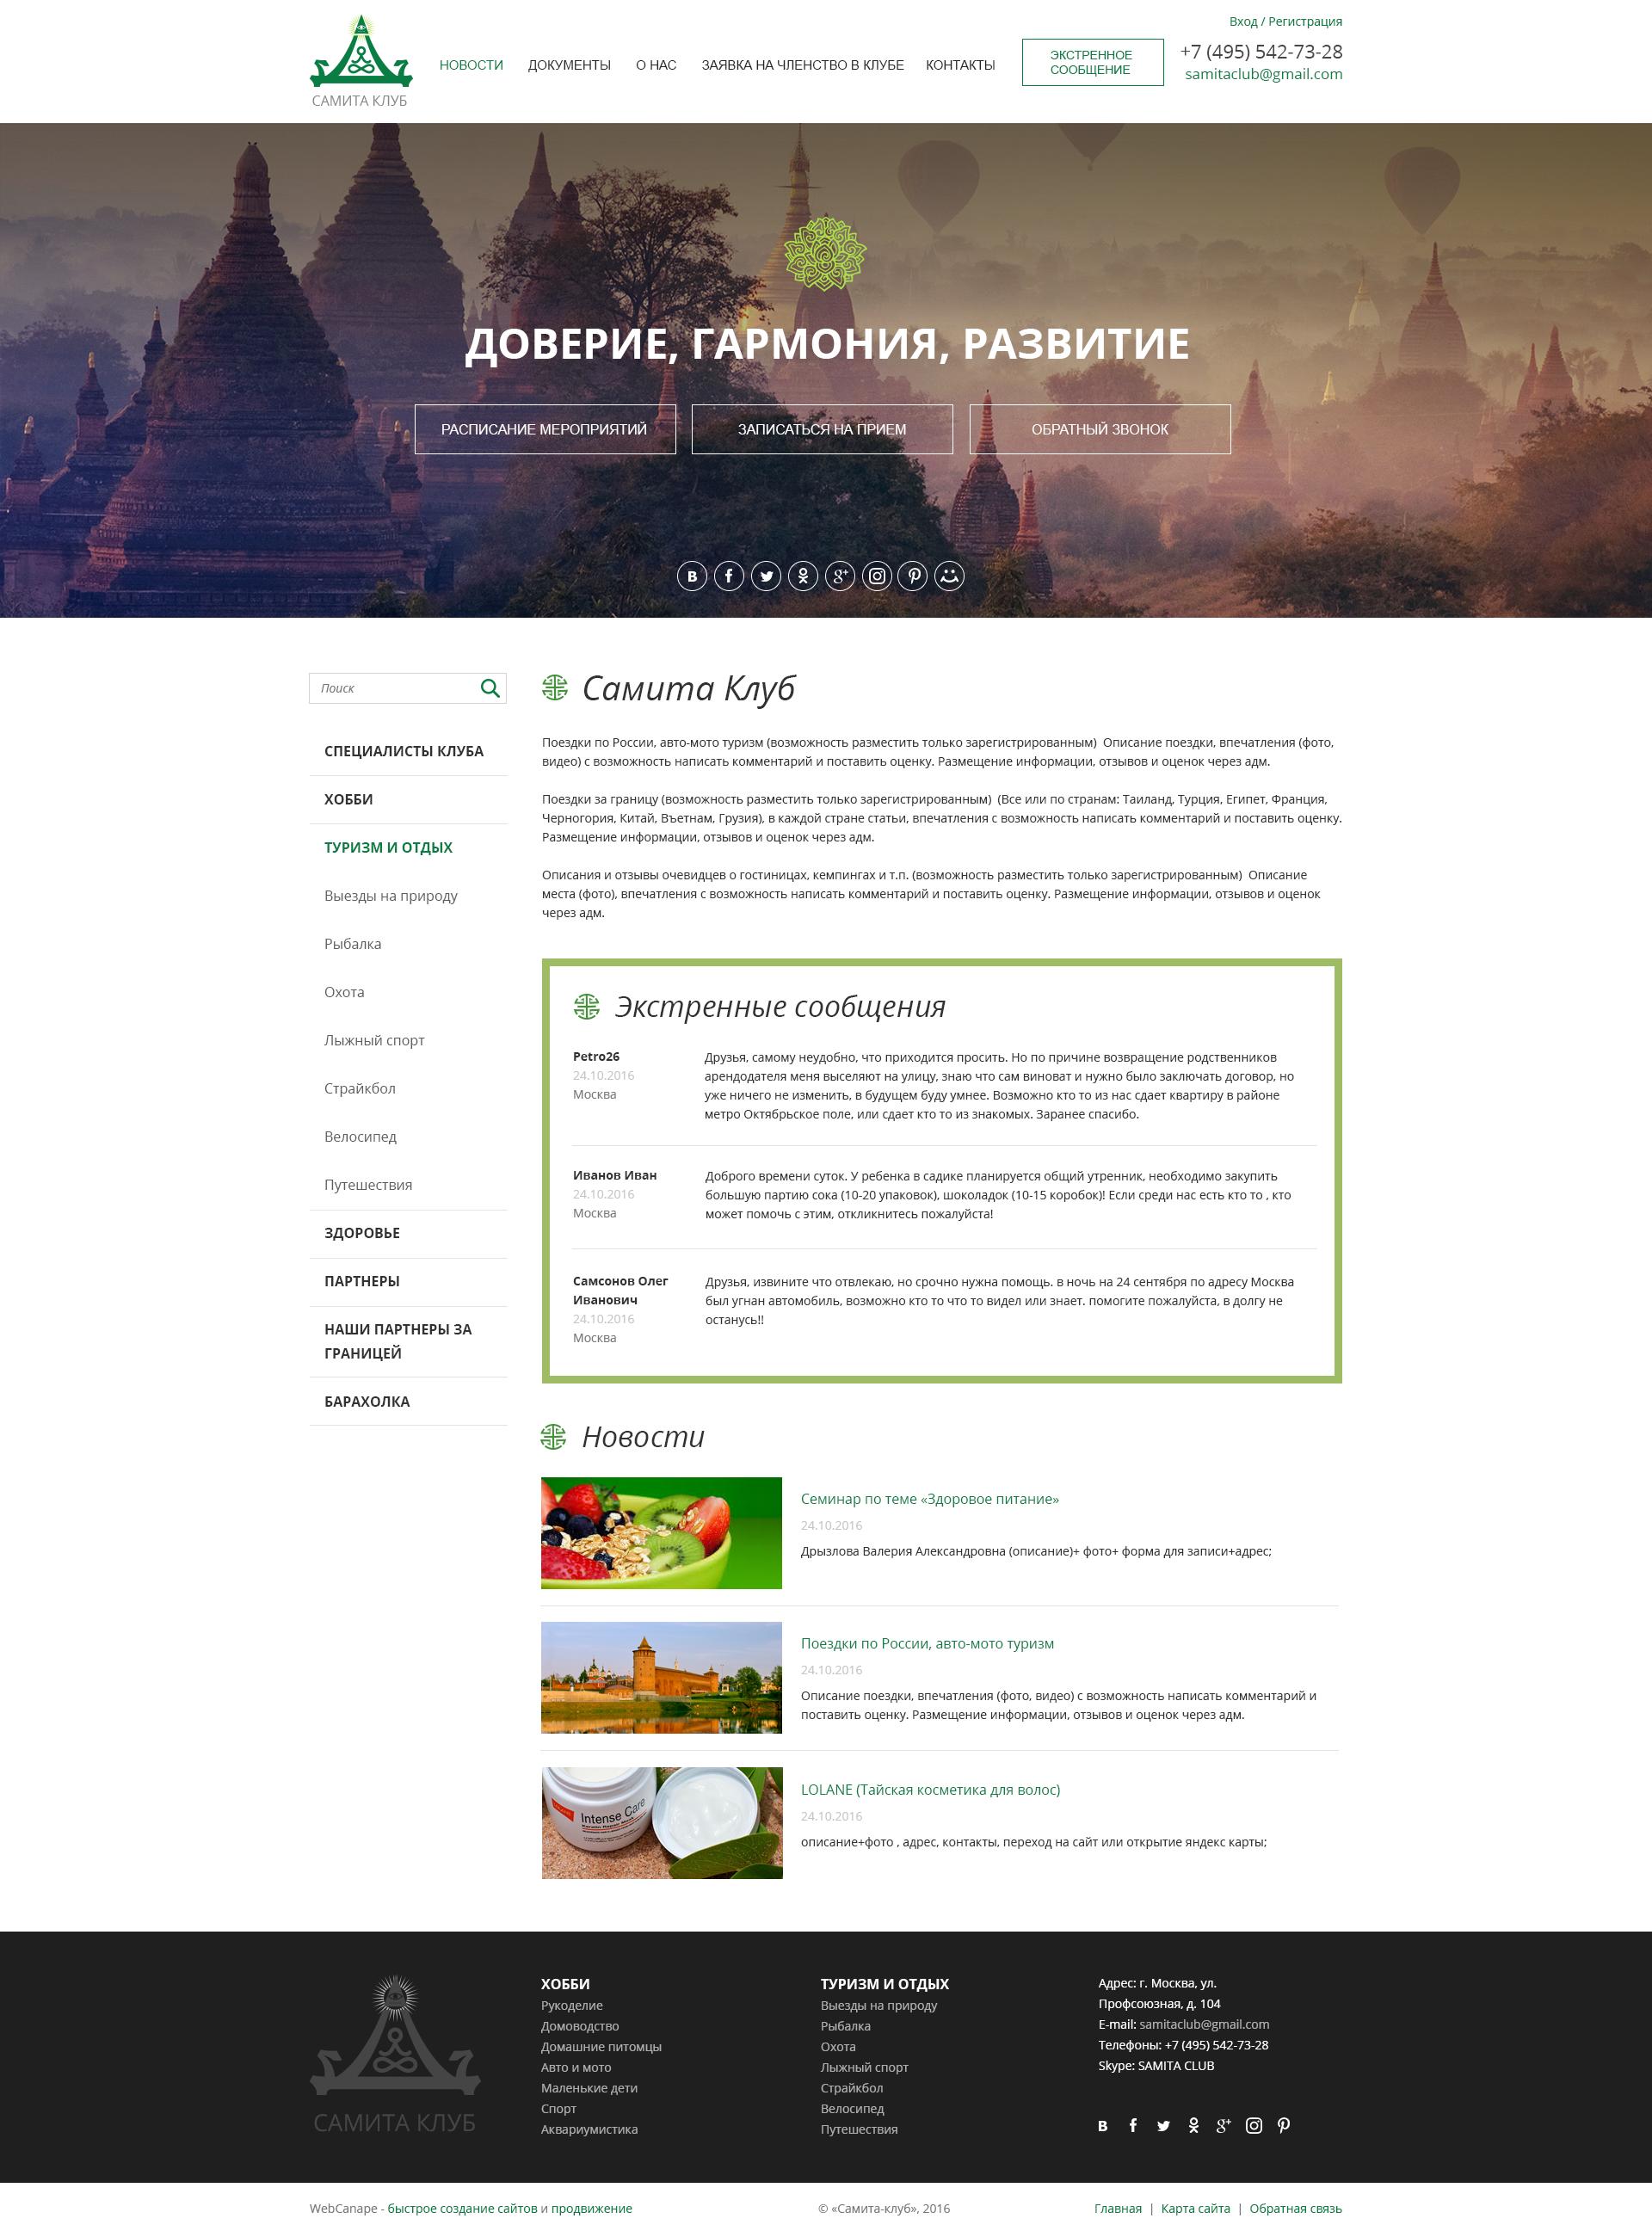 Разработка сайта клуба по интересам